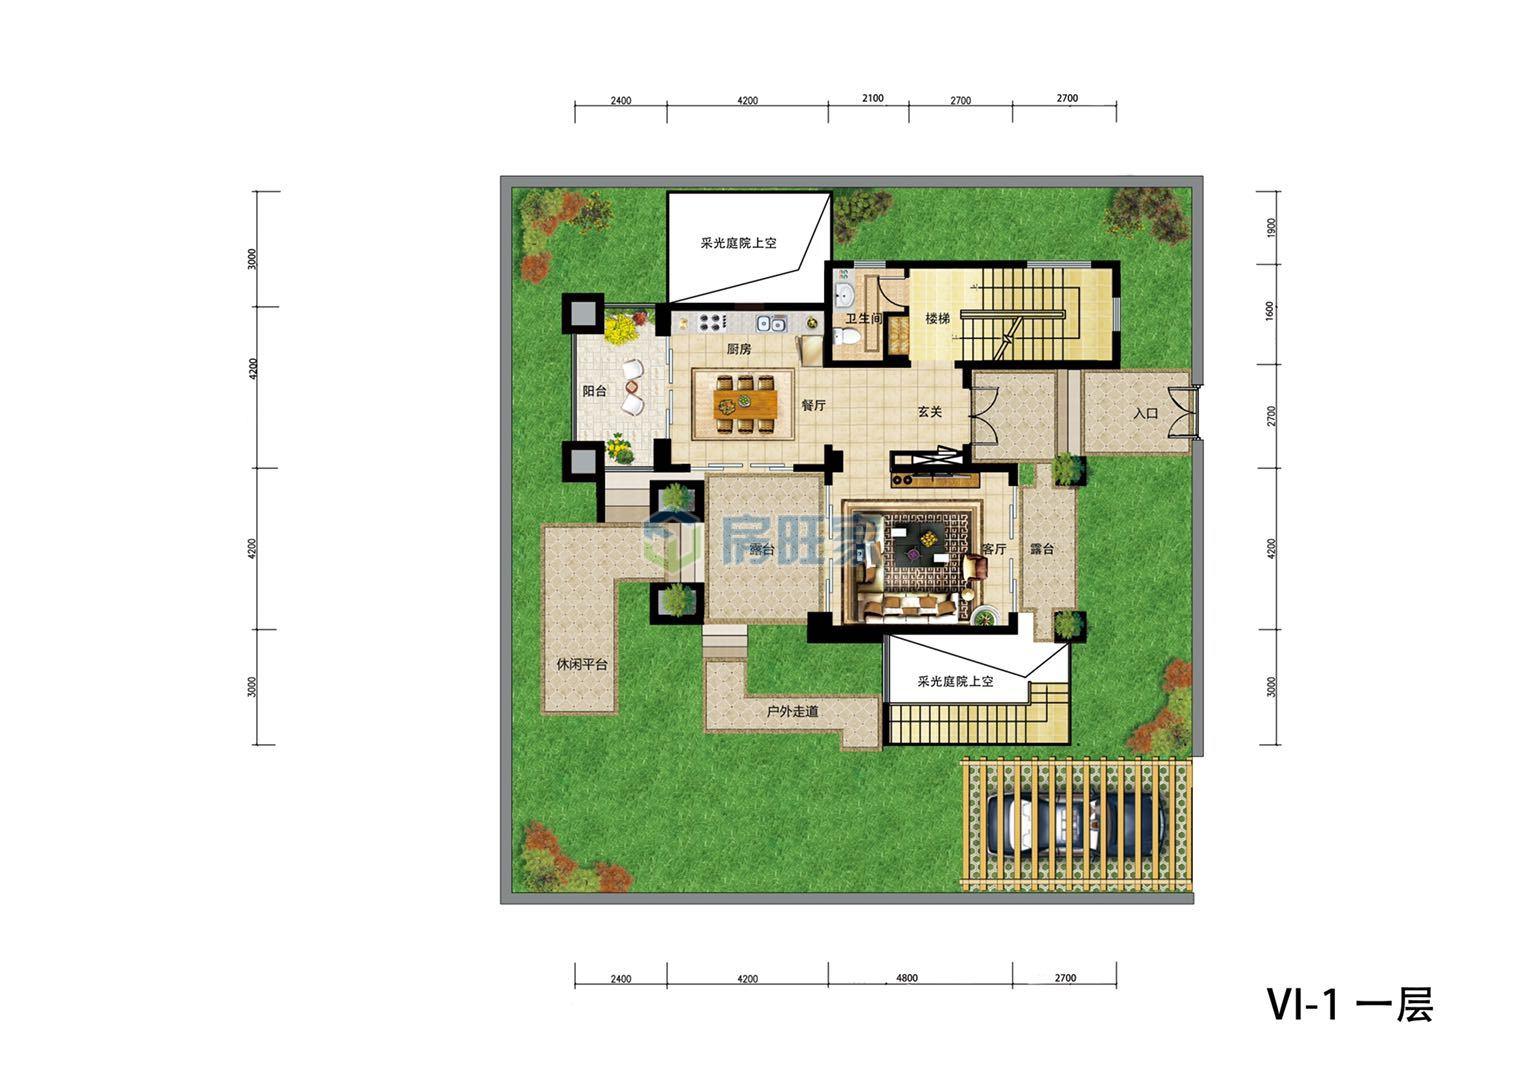 金泰南燕湾别墅VI-I户型 一层平面图